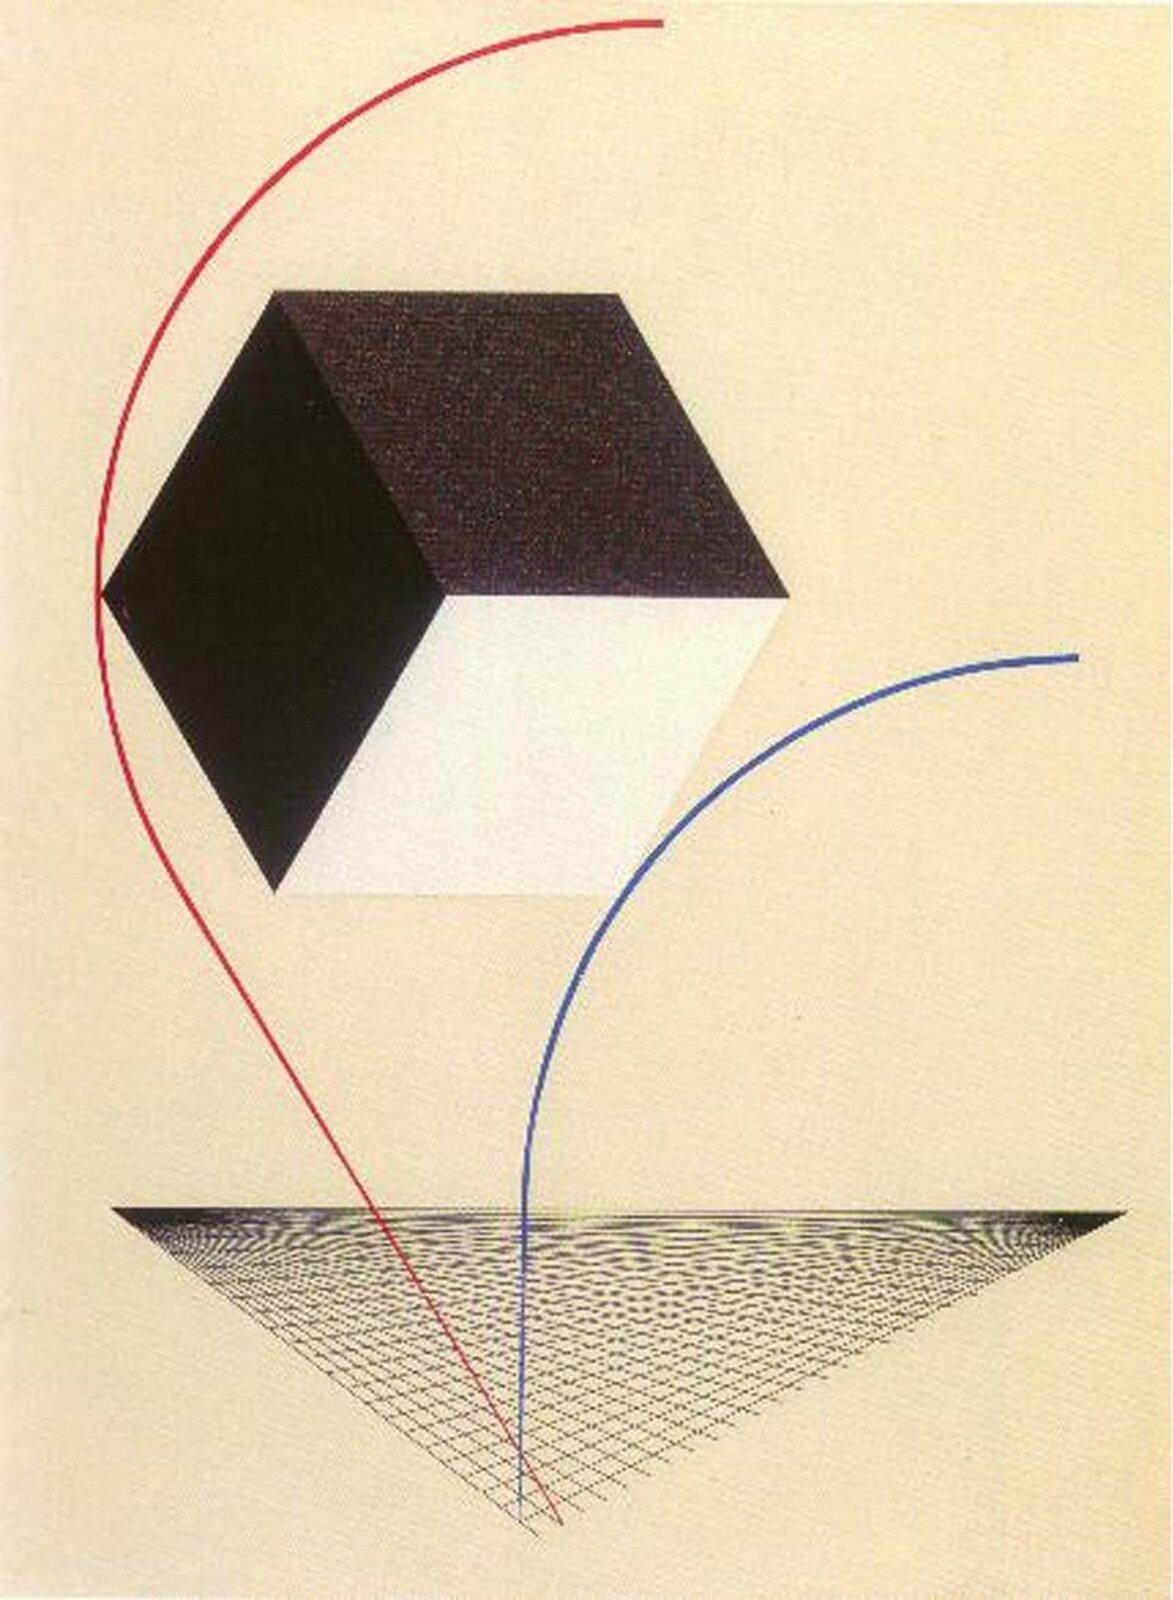 """Ilustracja przedstawia obraz Ela Lissitzky'ego pt. """"Proun"""". Ukazuje on biało-czarny sześcian na beżowym tle. Pod nim znajdują się 2 linie oraz siatka wkształcie trójkąta."""